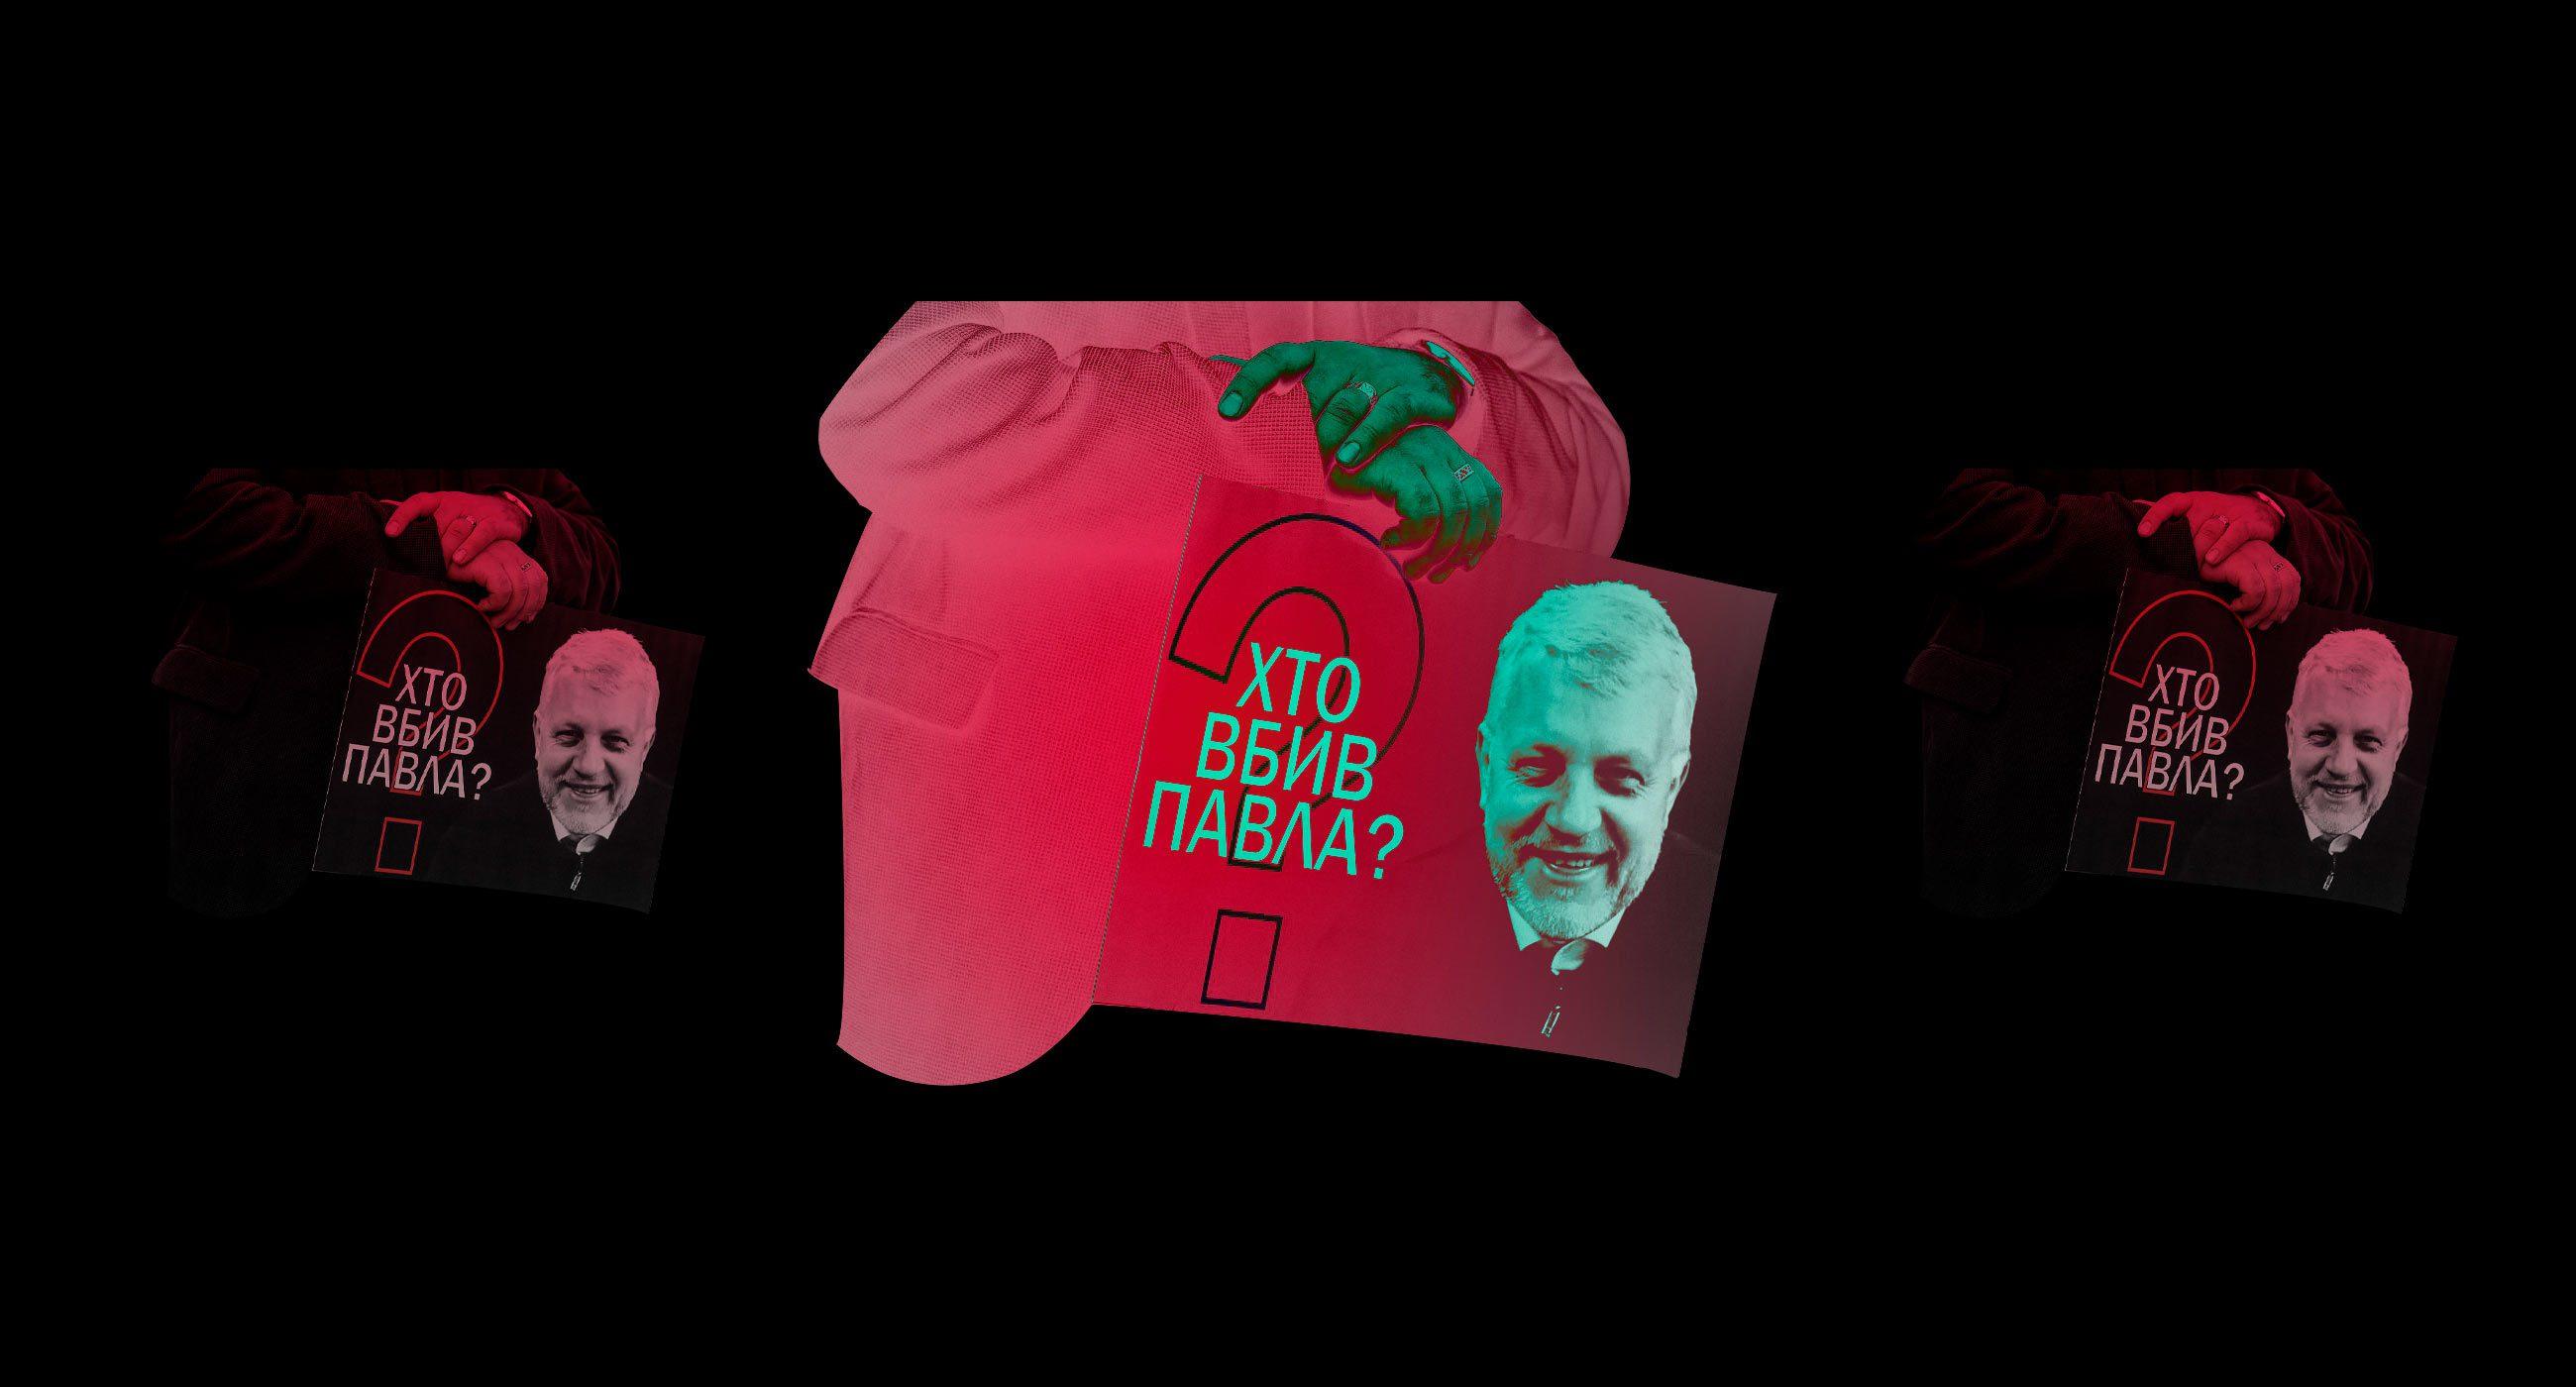 «Сделаем закладку, чтоб ни рук, ни ног не собрали». Беларуские спецслужбы, вероятно, планировали убийство Павла Шеремета